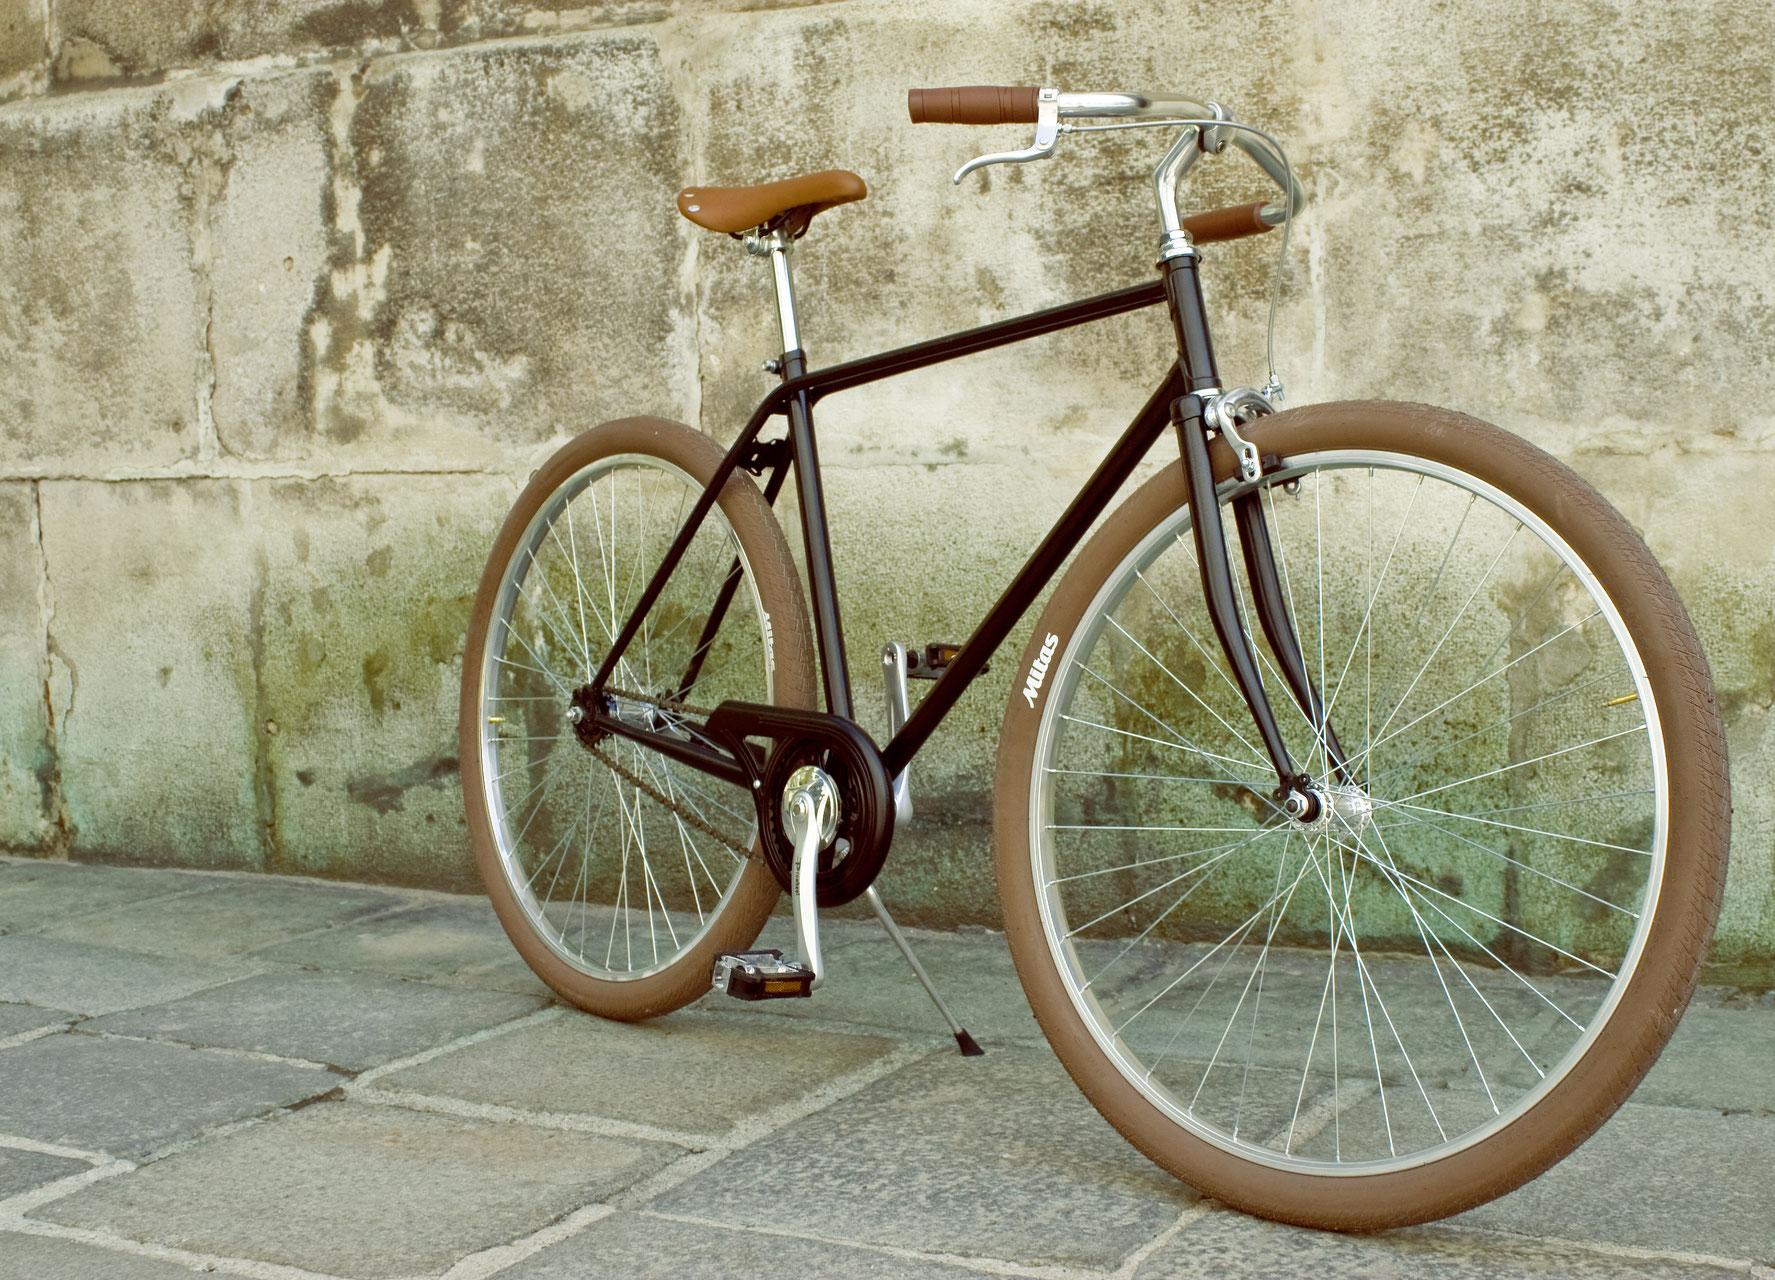 ein kleiner auszug - glanzrad - majestic stylish bicycles